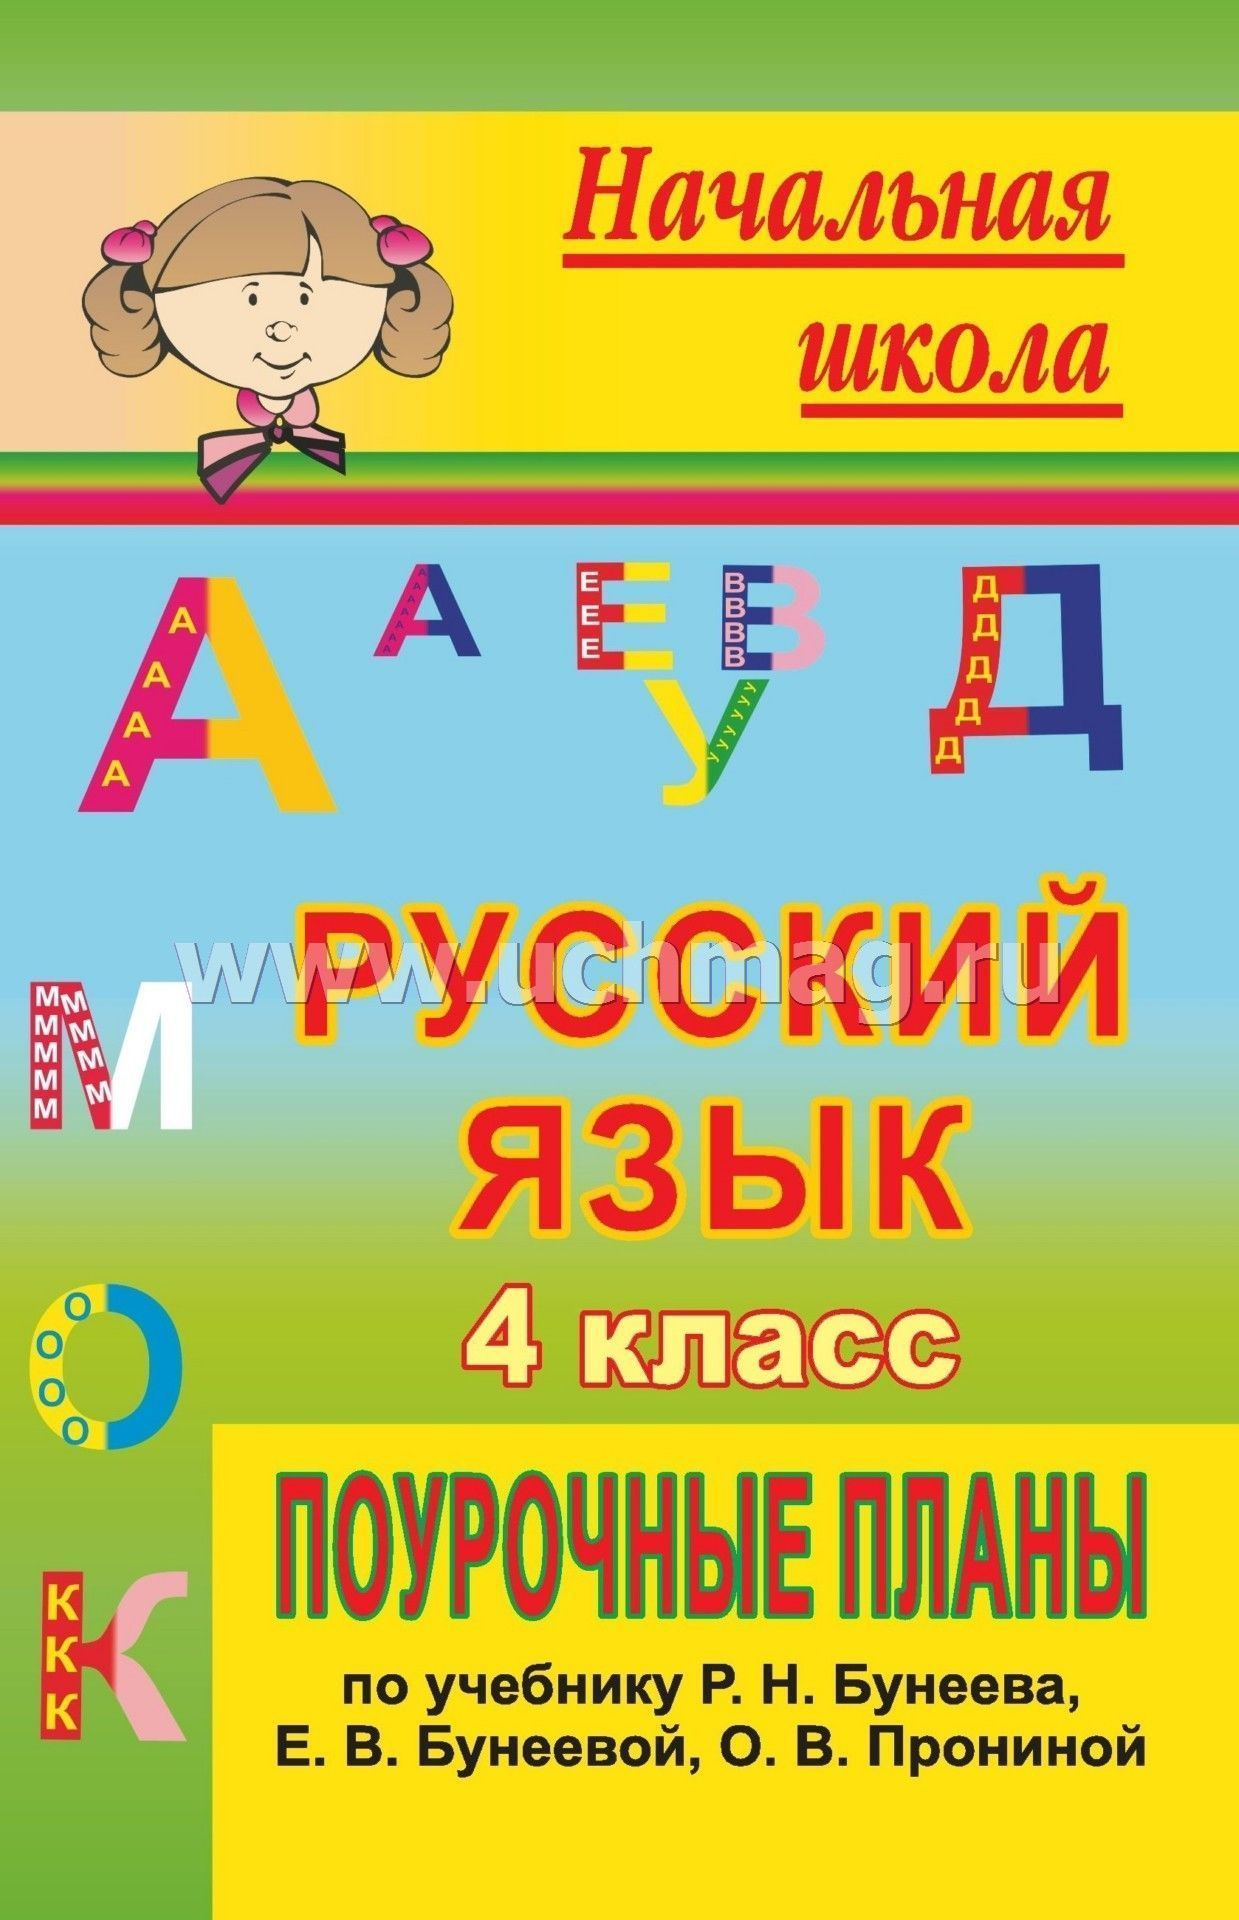 Диктант по русскому языку 4 класс второе полугодие